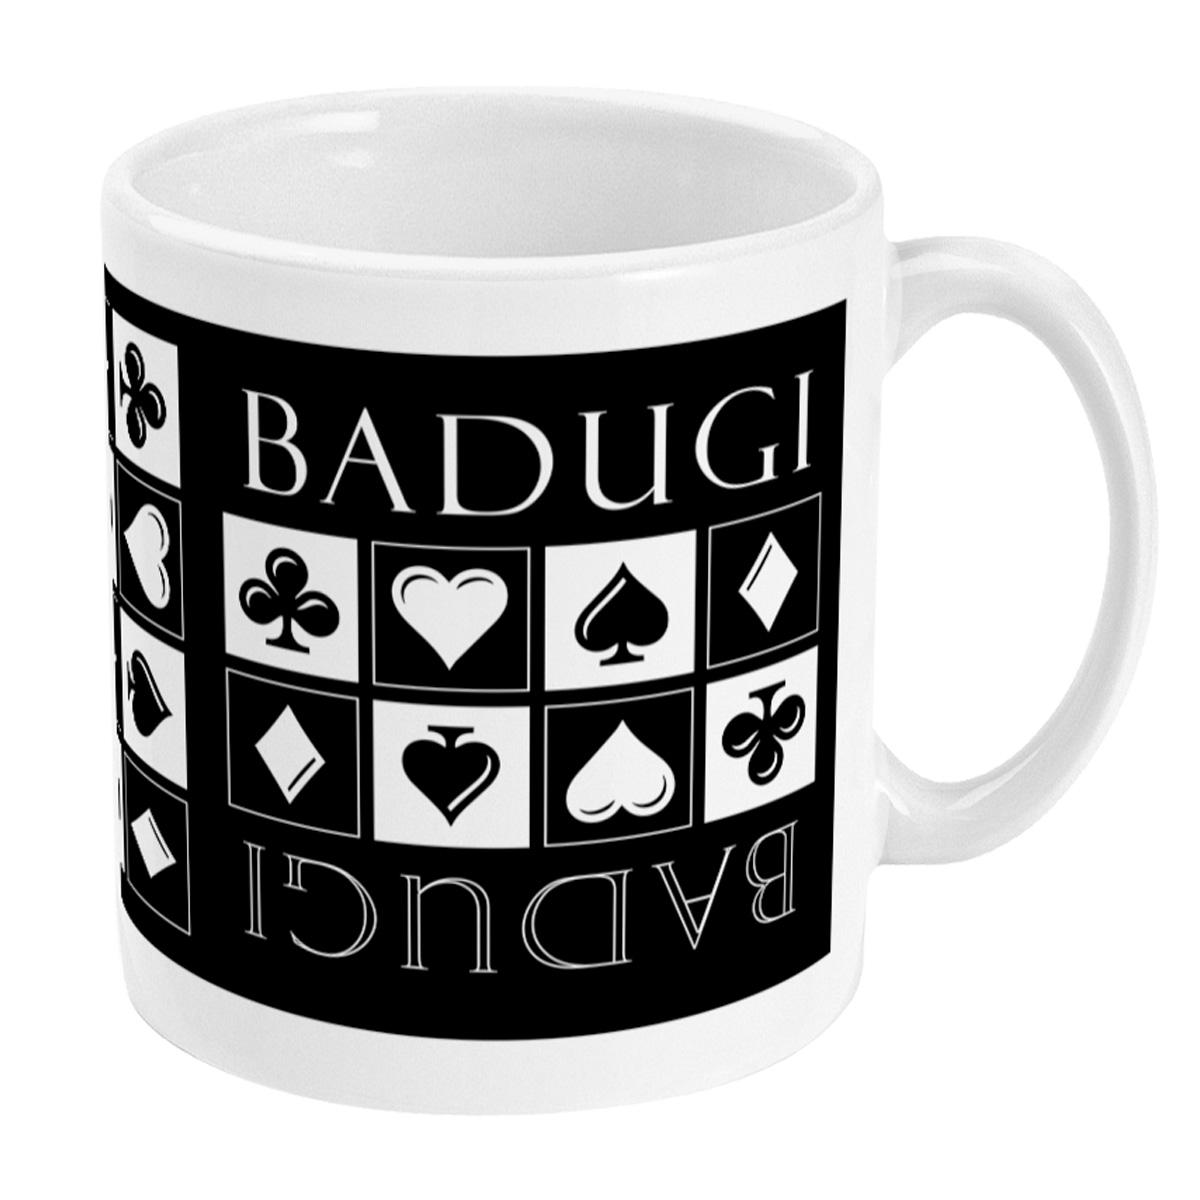 Badugi Poker Mug - Right